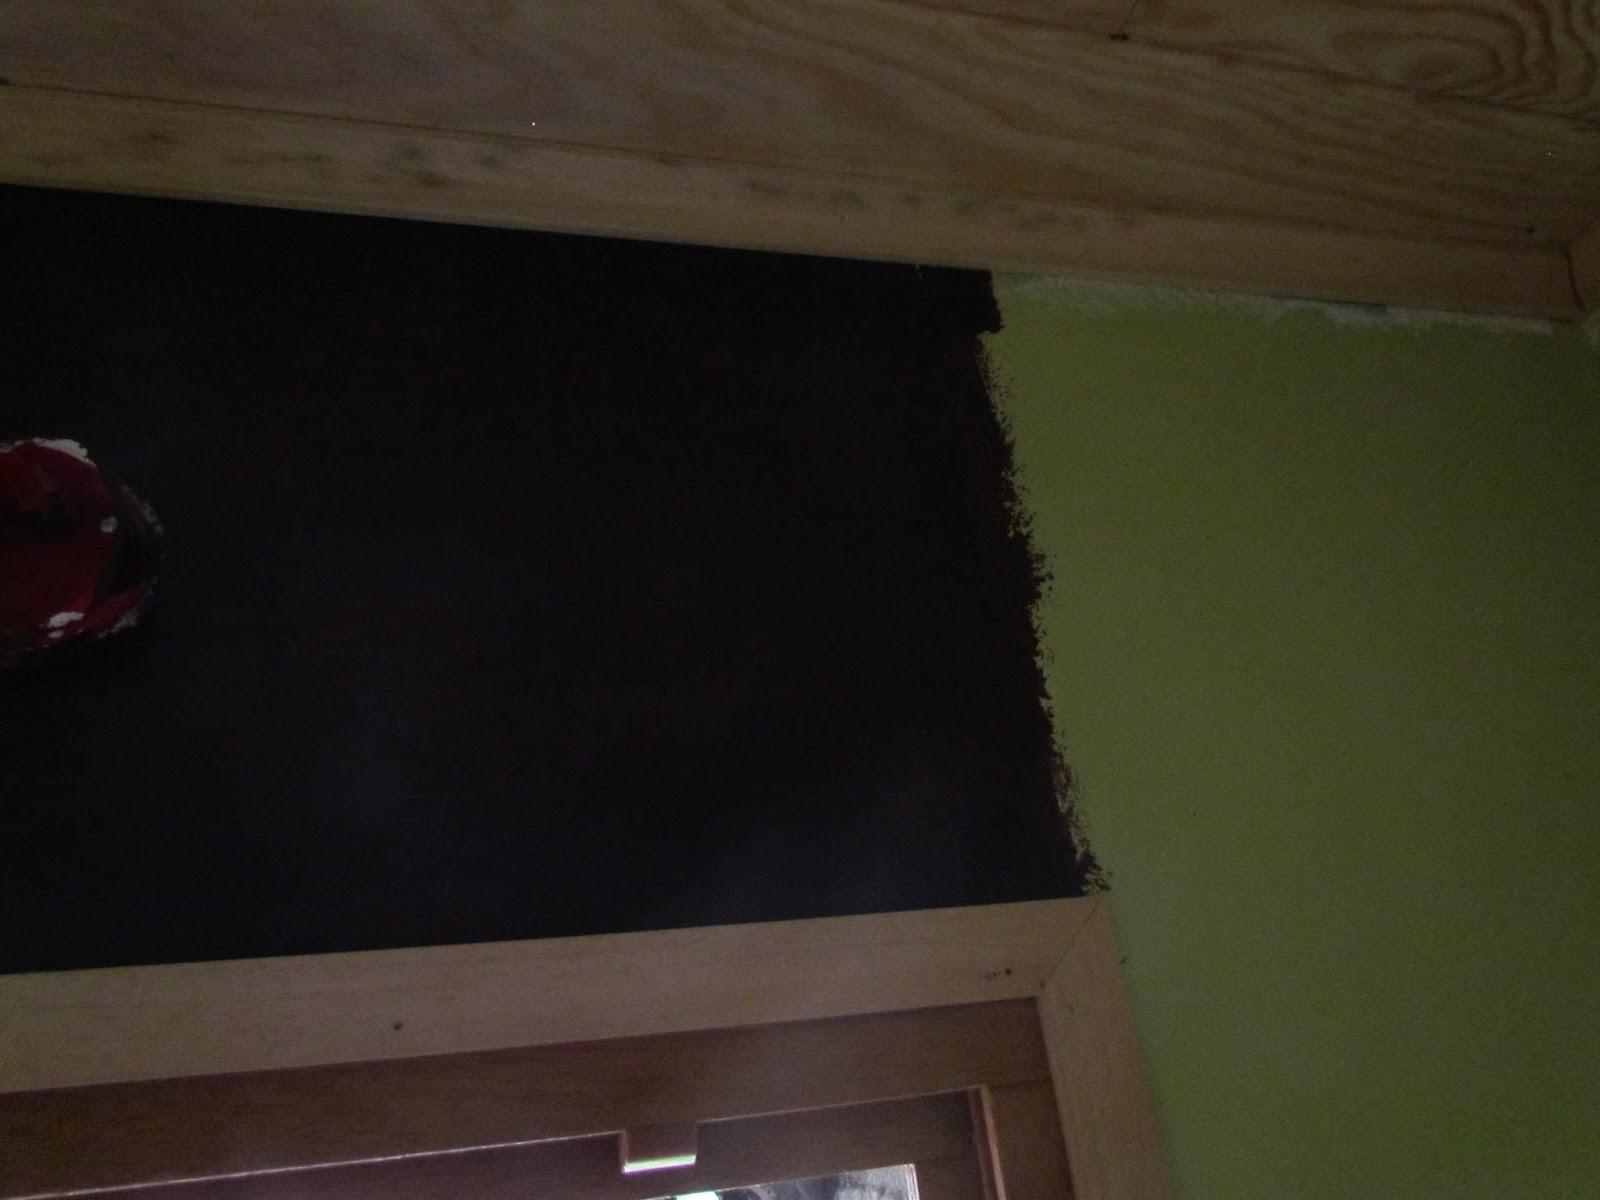 Baguette D Angle Plafond nicolas henley thérapeute: pose des baguettes d'angles (plafond) et